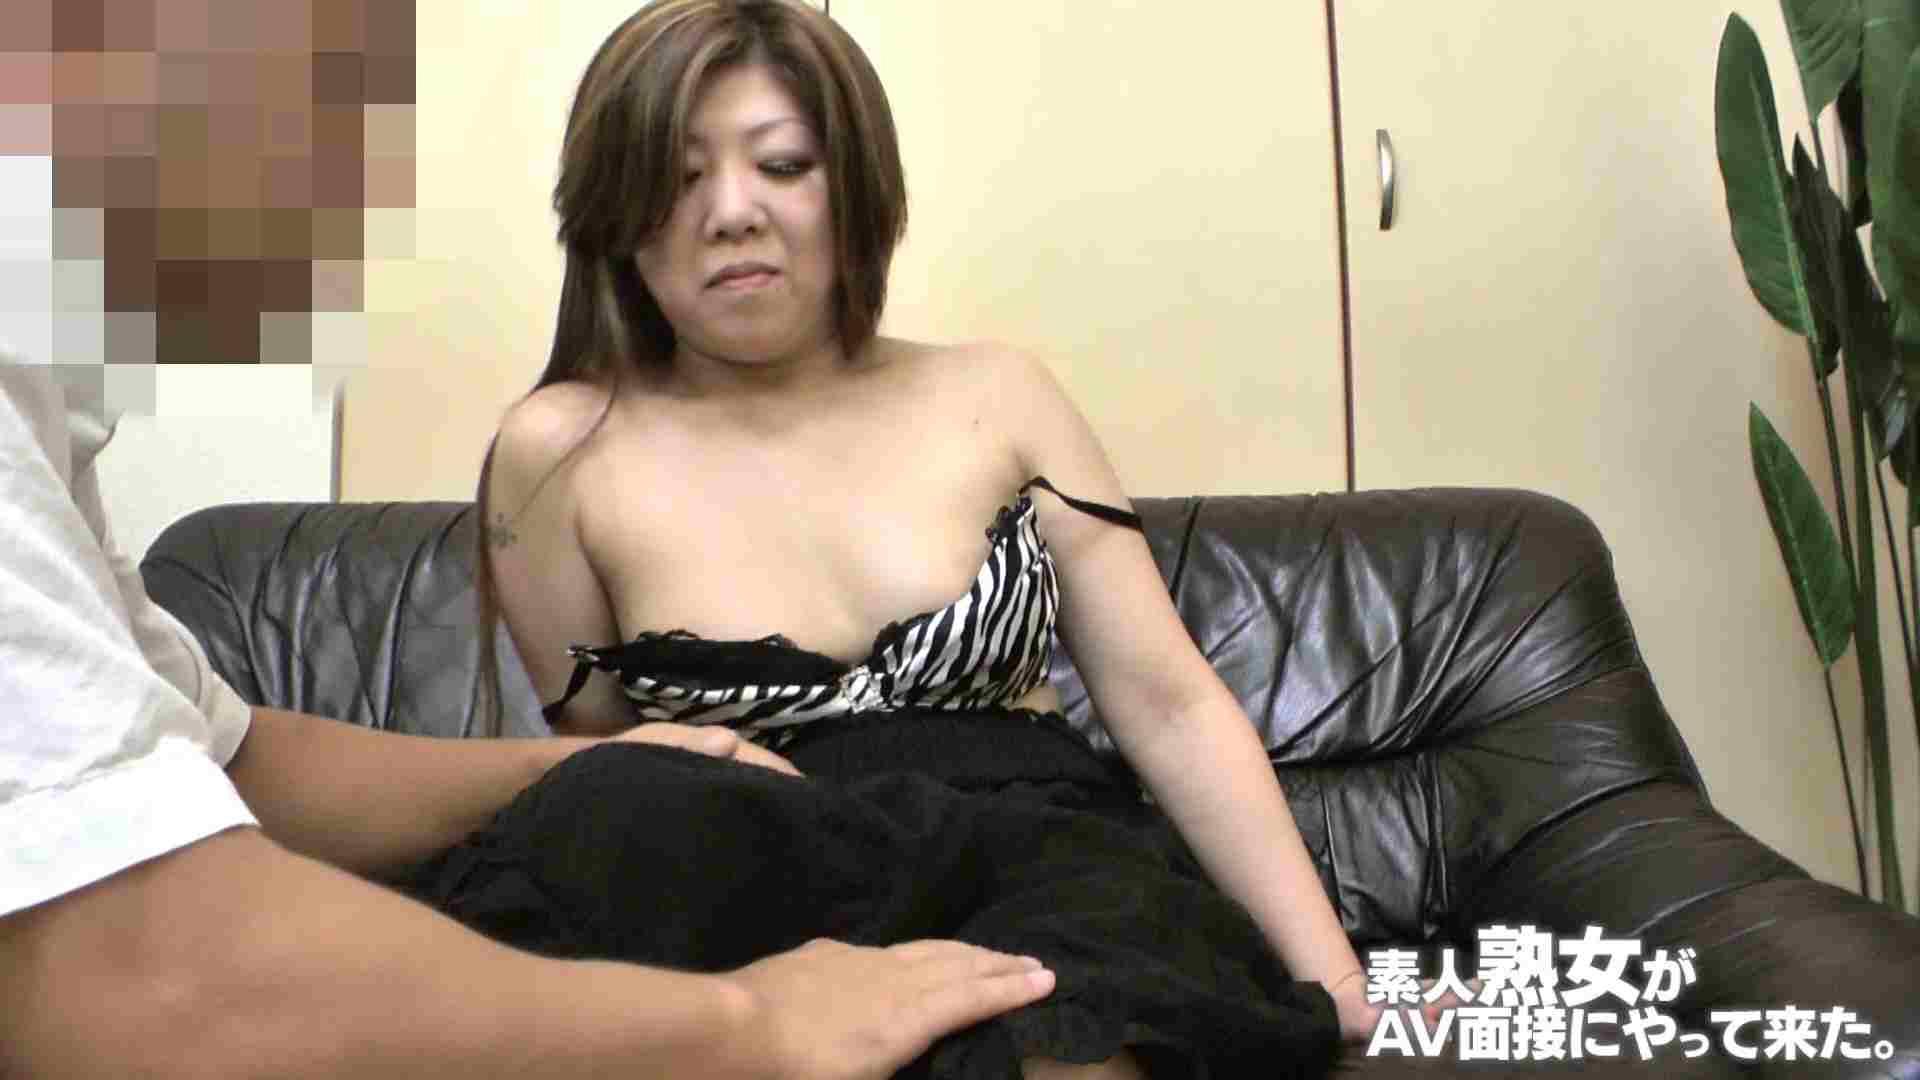 素人熟女がAV面接にやってきた (仮名)ゆかさんVOL.03 OL裸体 | 素人  52画像 34